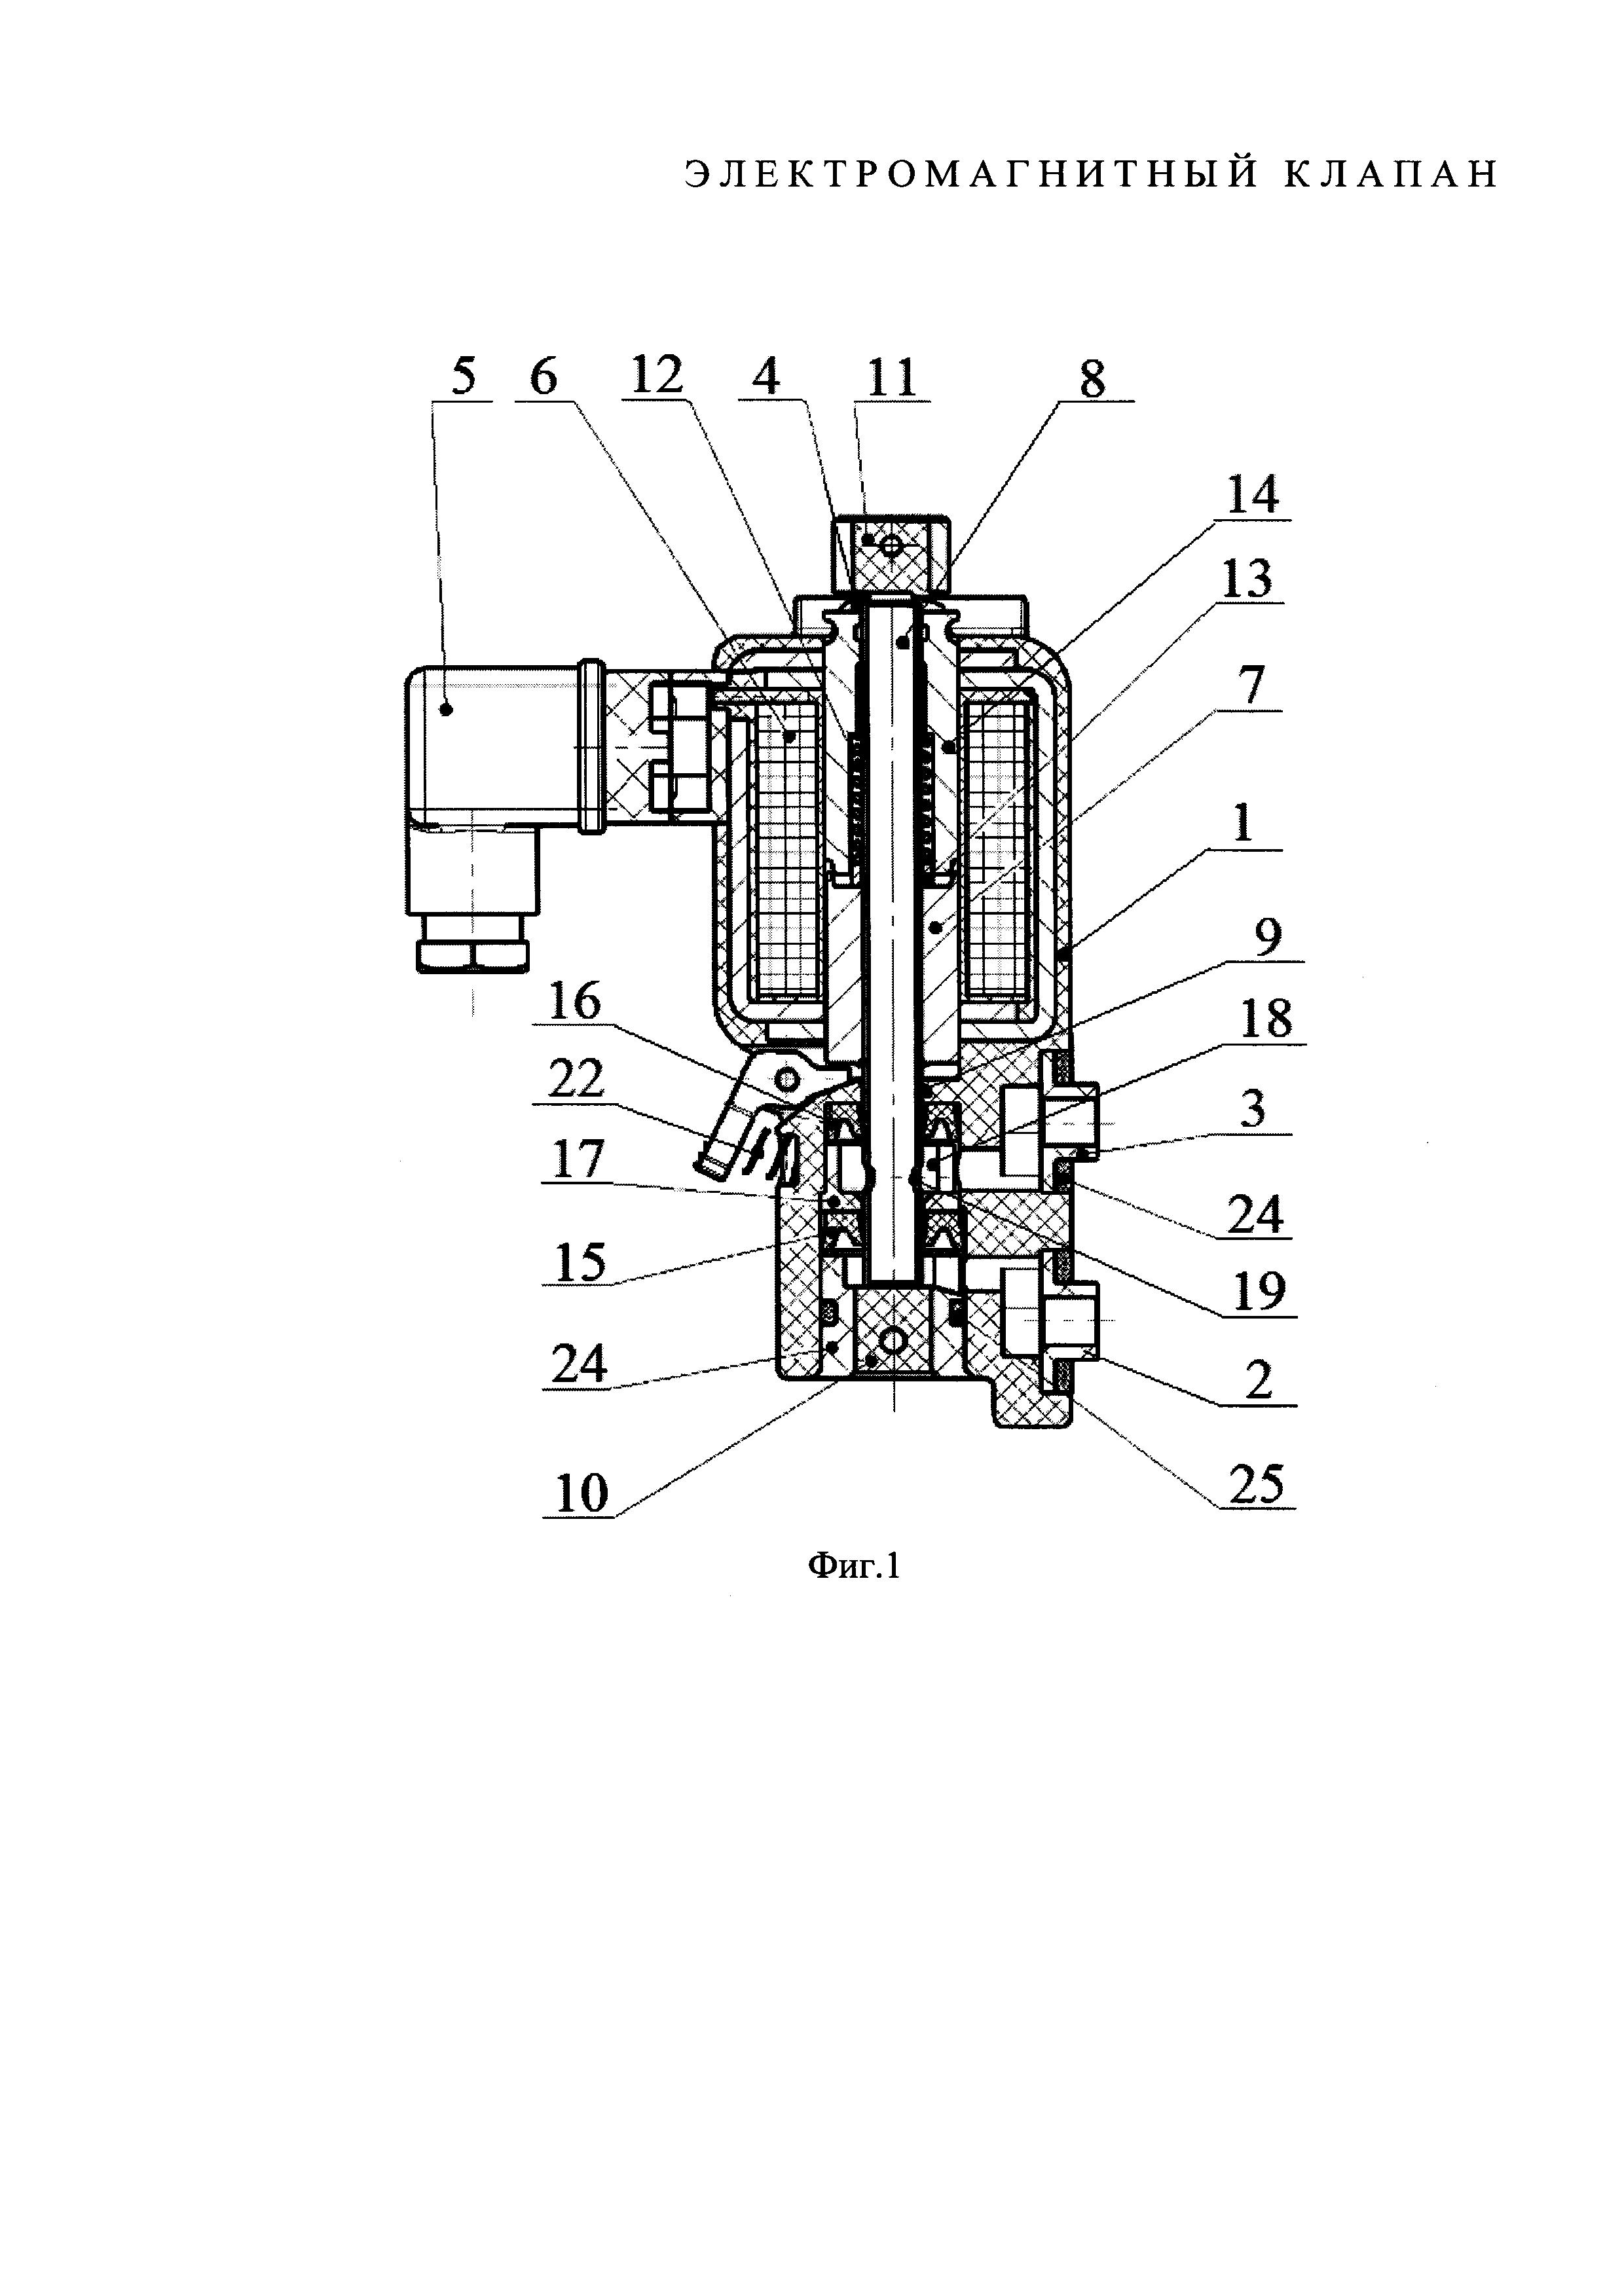 Электромагнитный клапан (варианты)